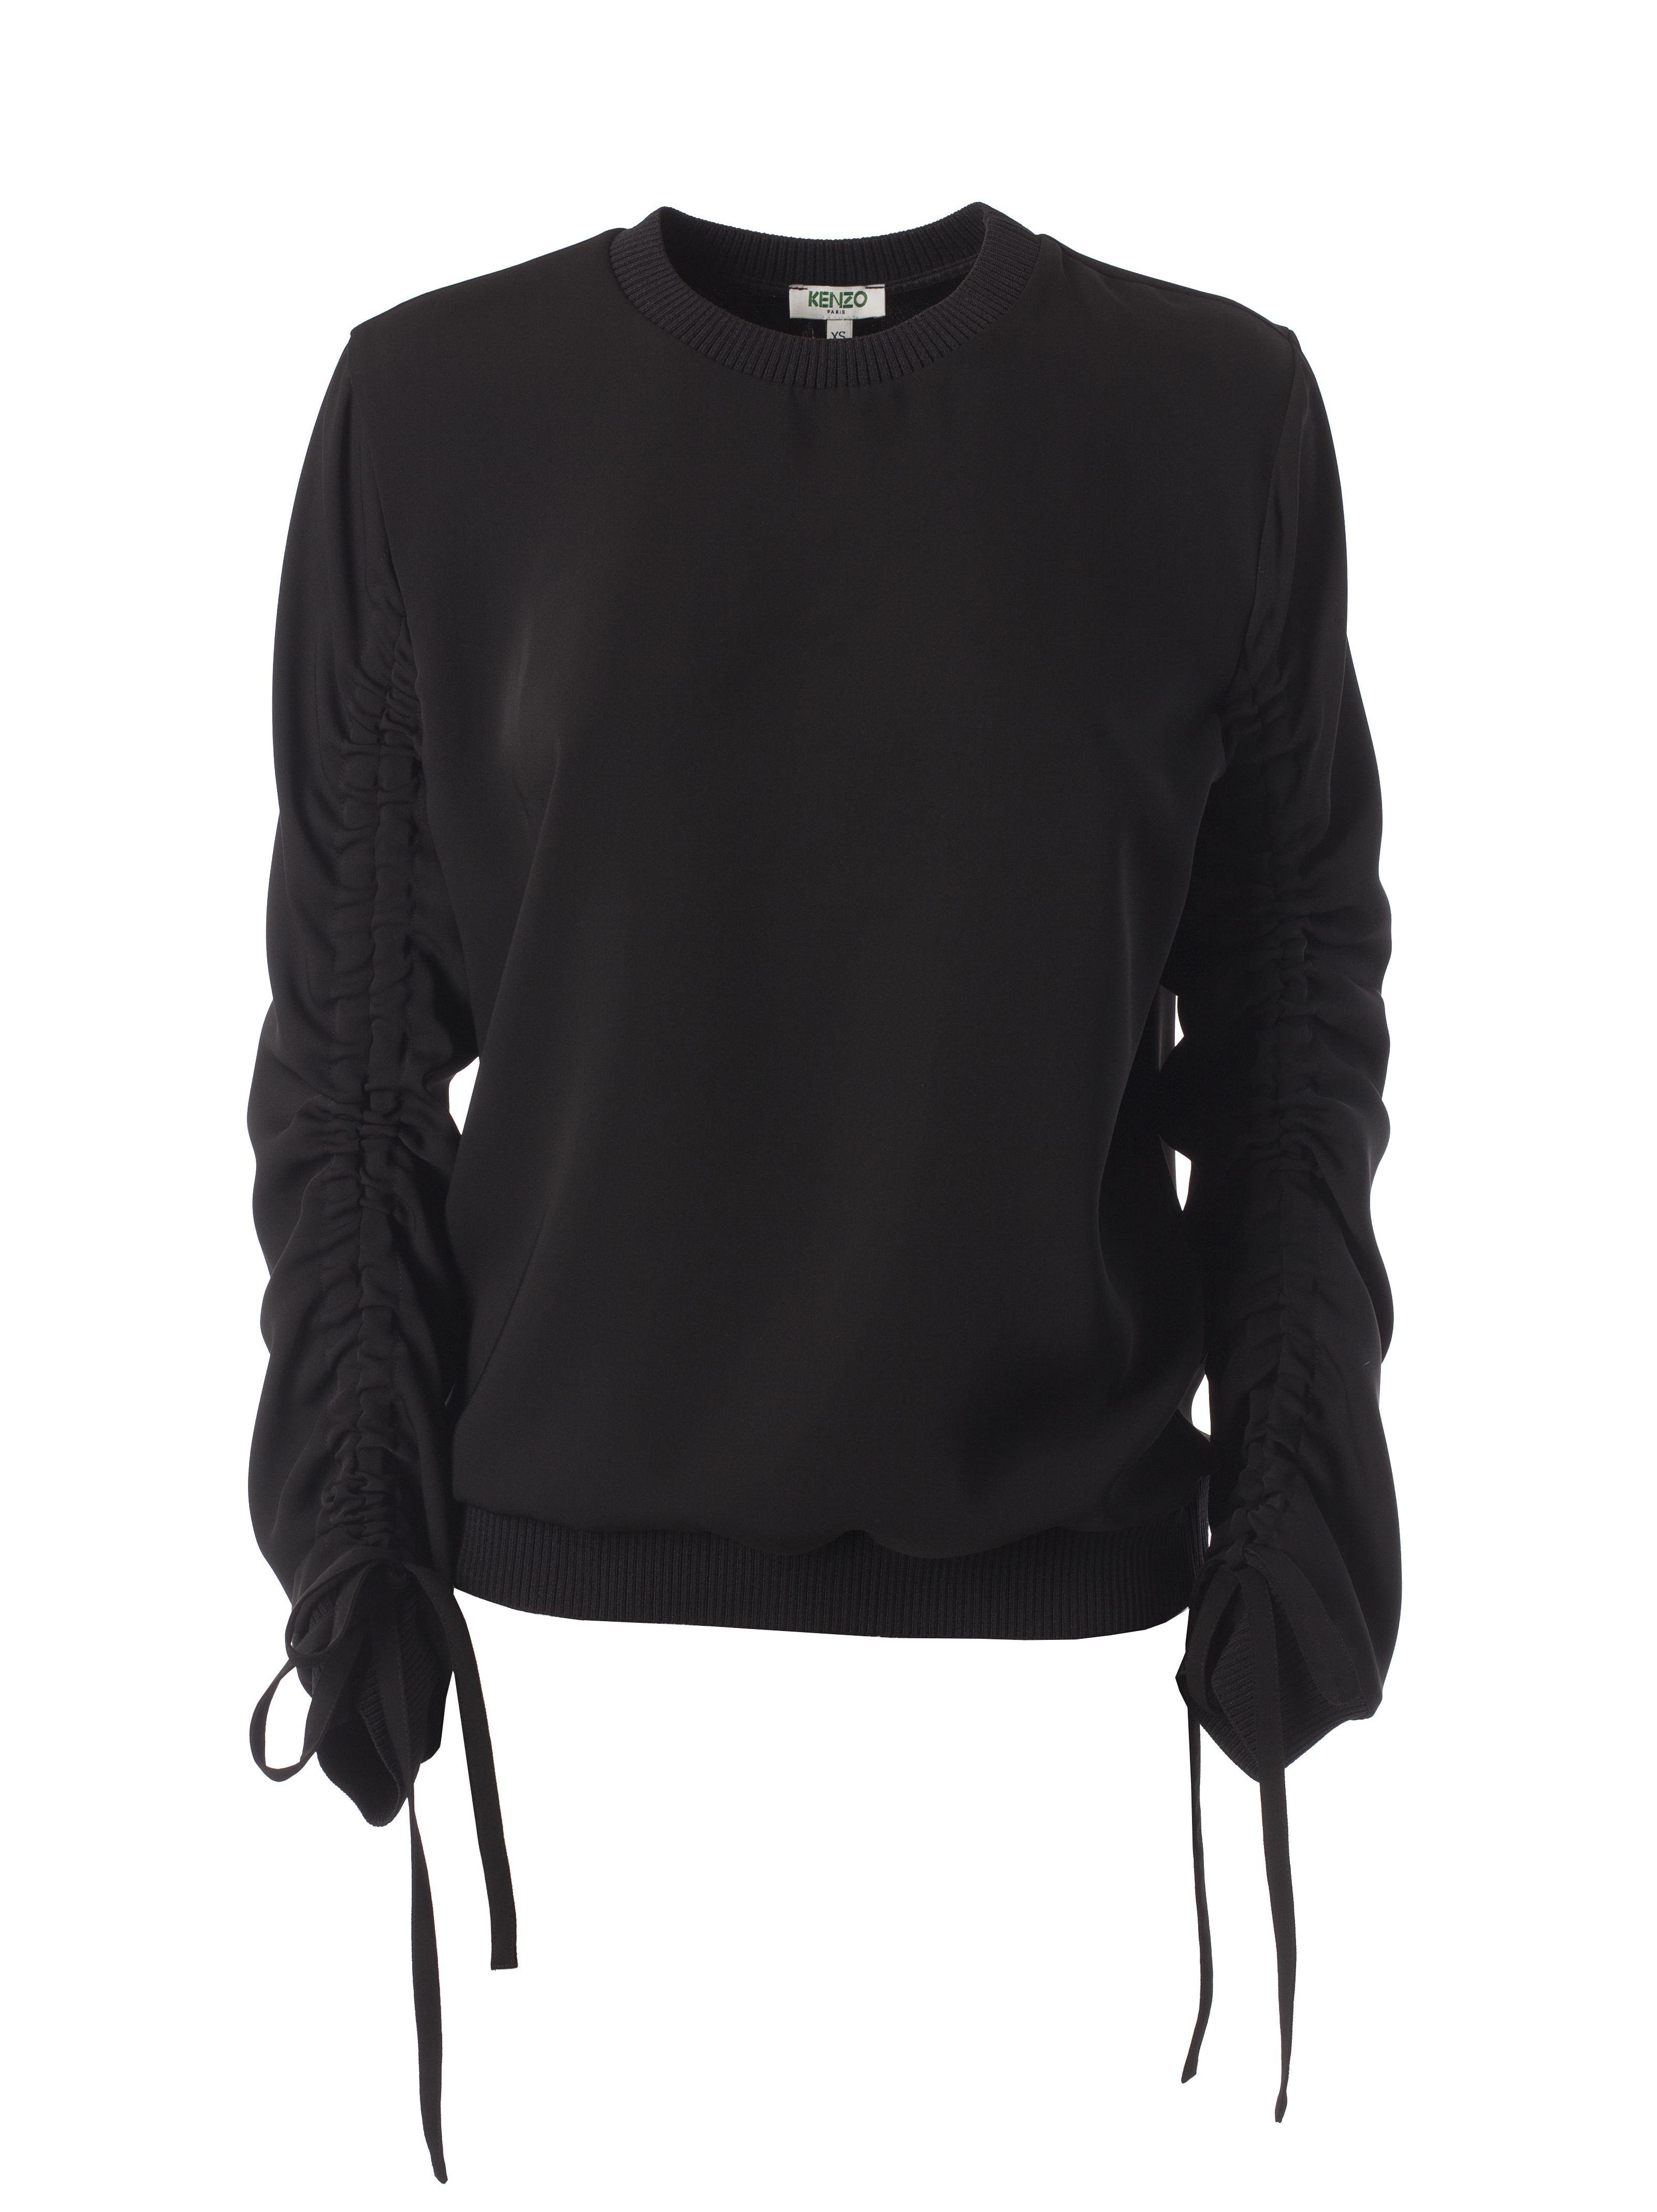 Kenzo Hyper Kenzo Sweatshirt